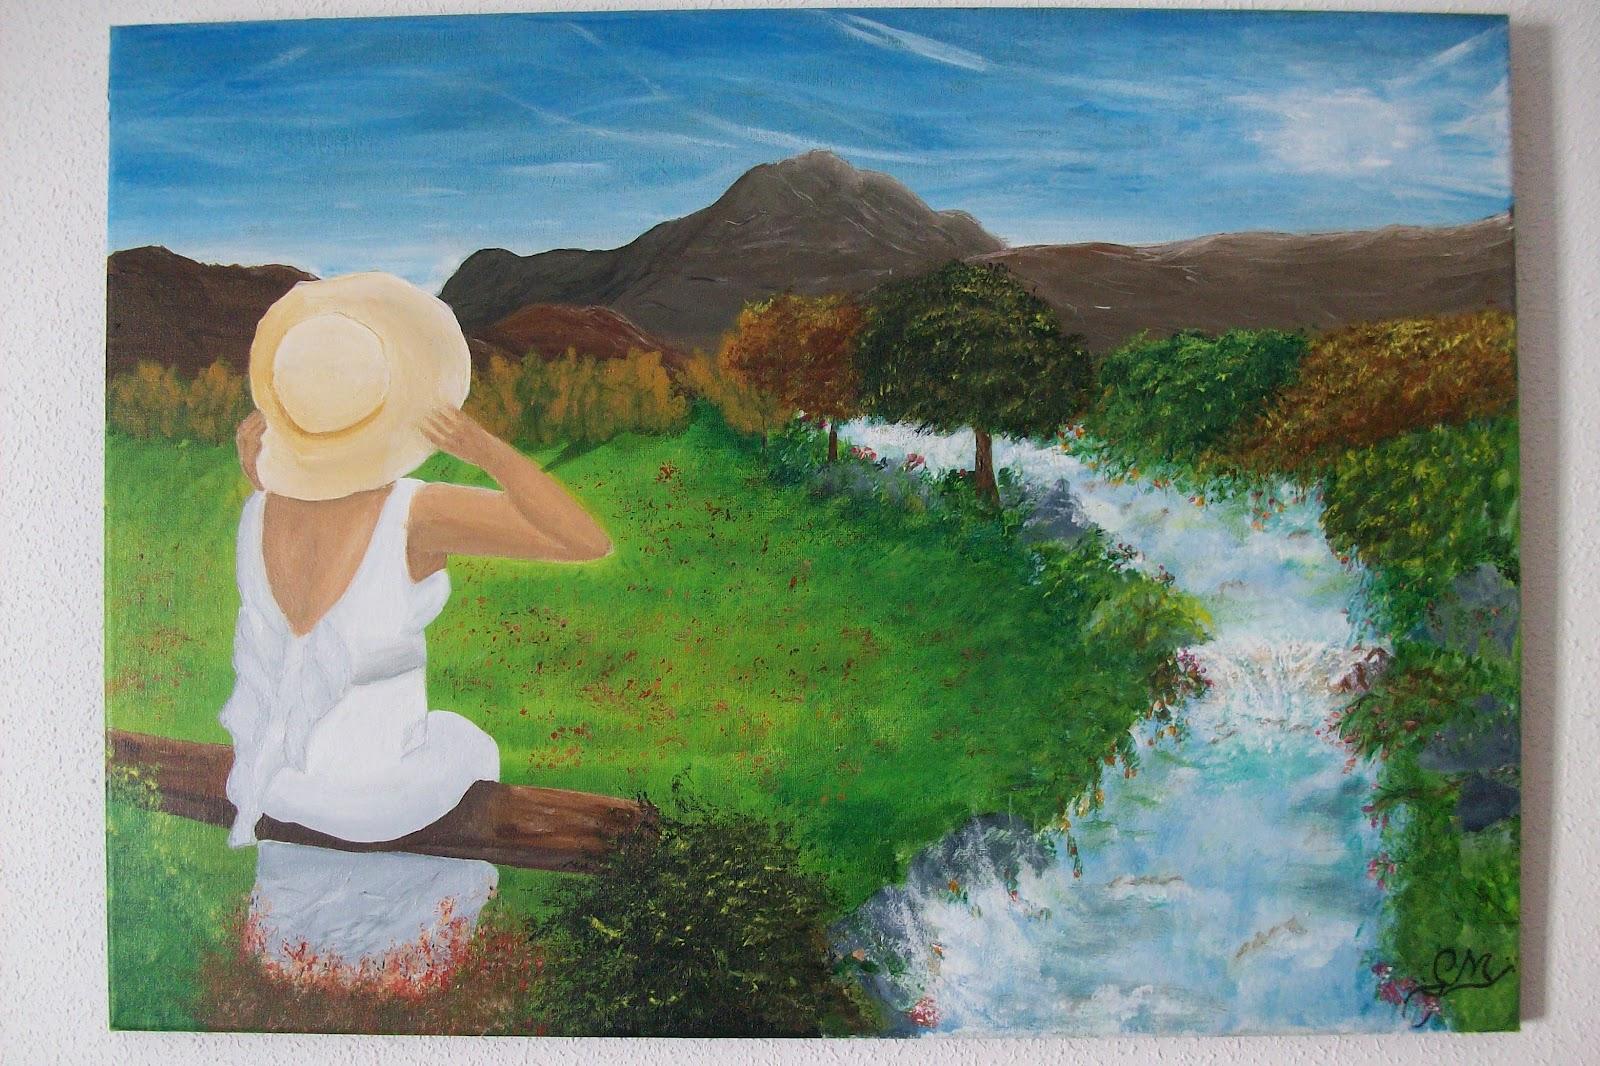 Preguntas de arte cu nto valen mis cuadros - Los cuadros mas bonitos ...